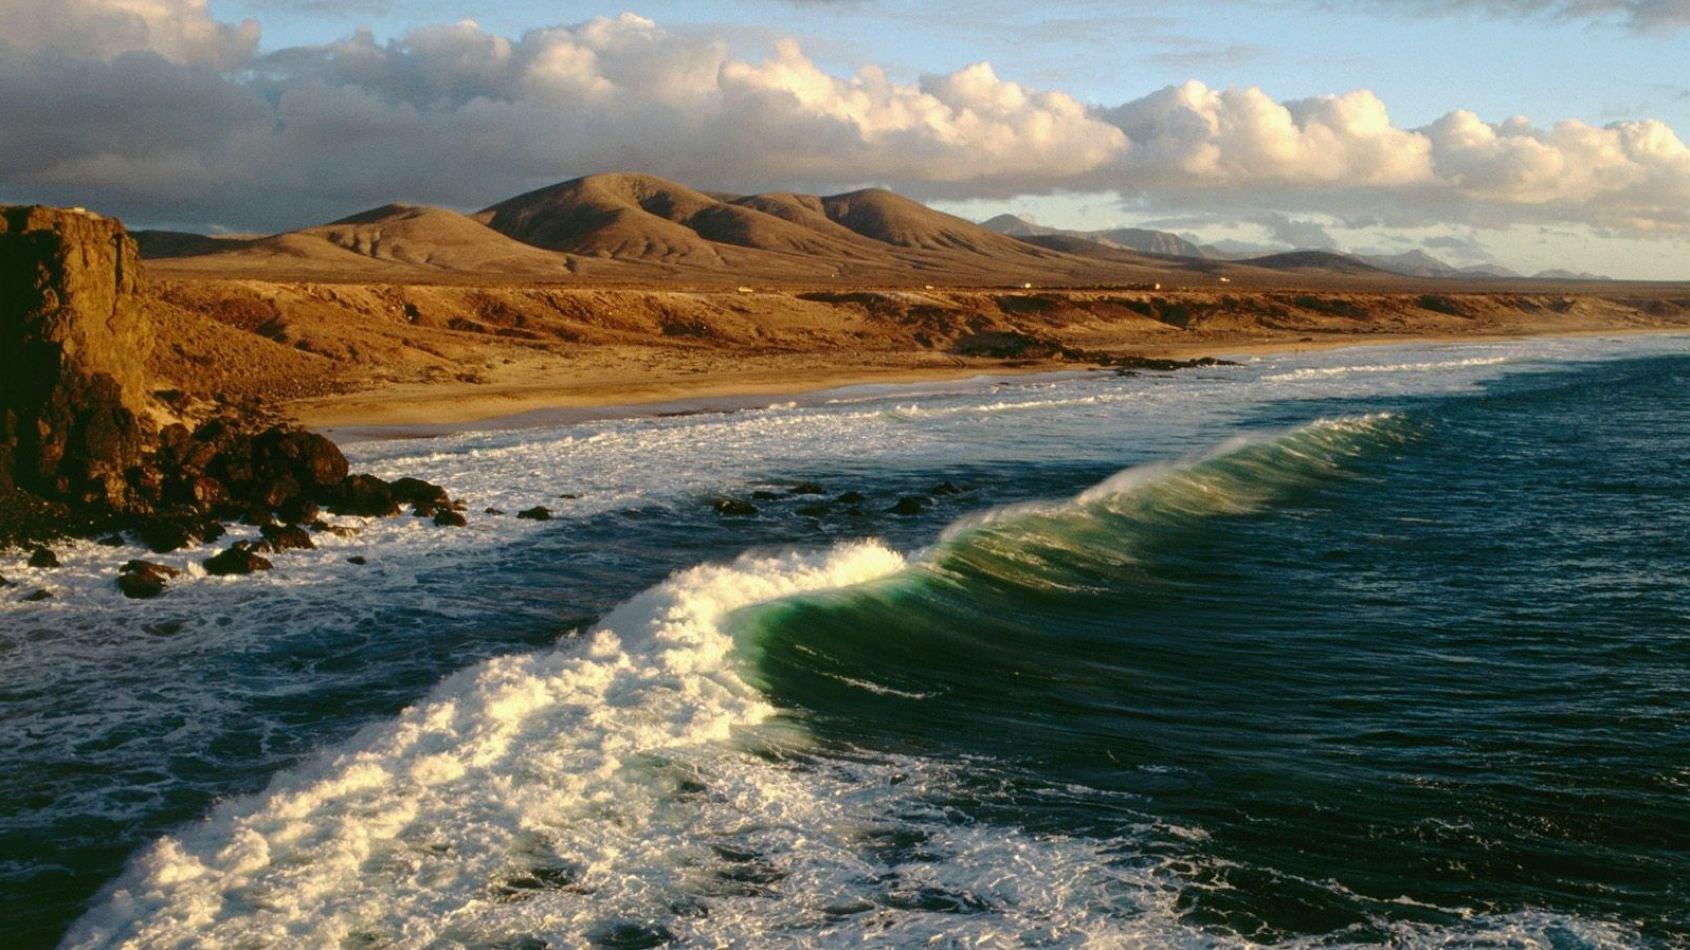 Le spin-off sur Han Solo sera, en partie, tourné à Fuerteventura